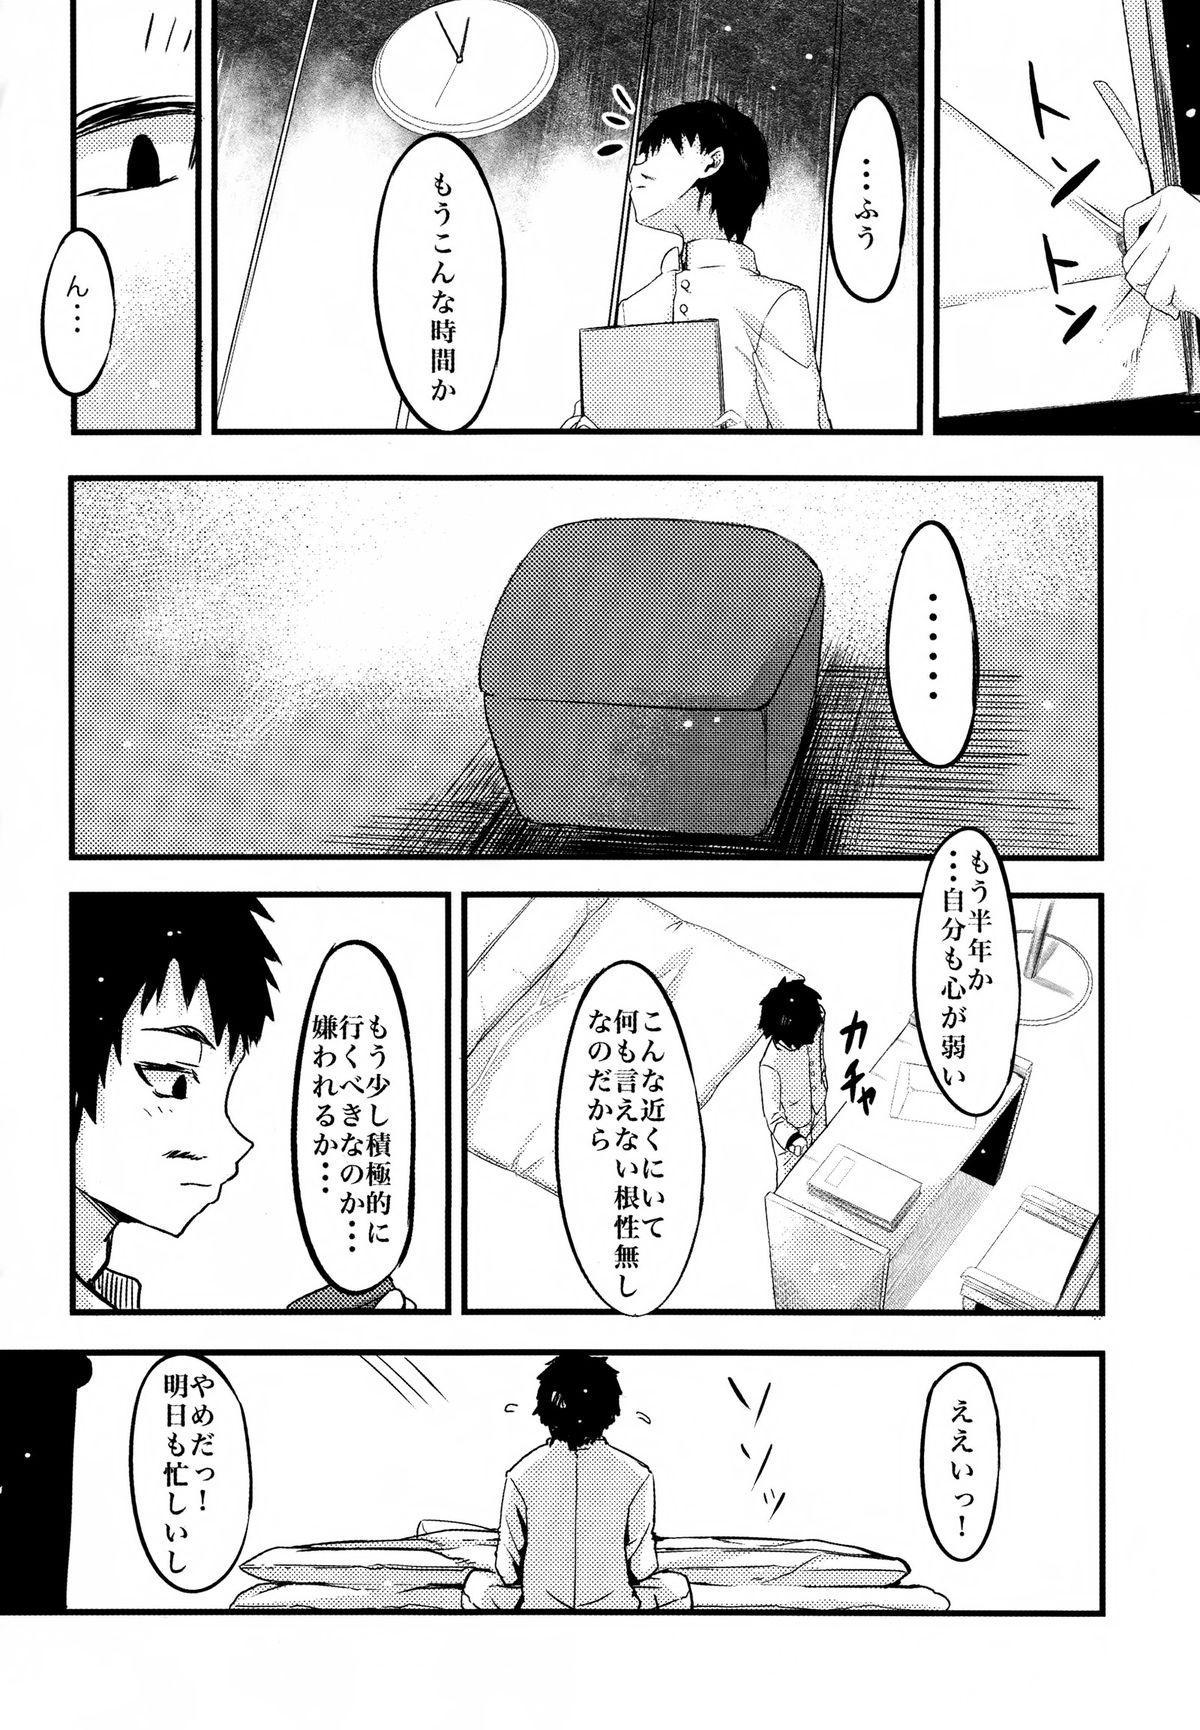 Ryuujou to Junai shi Taosu Hon 4